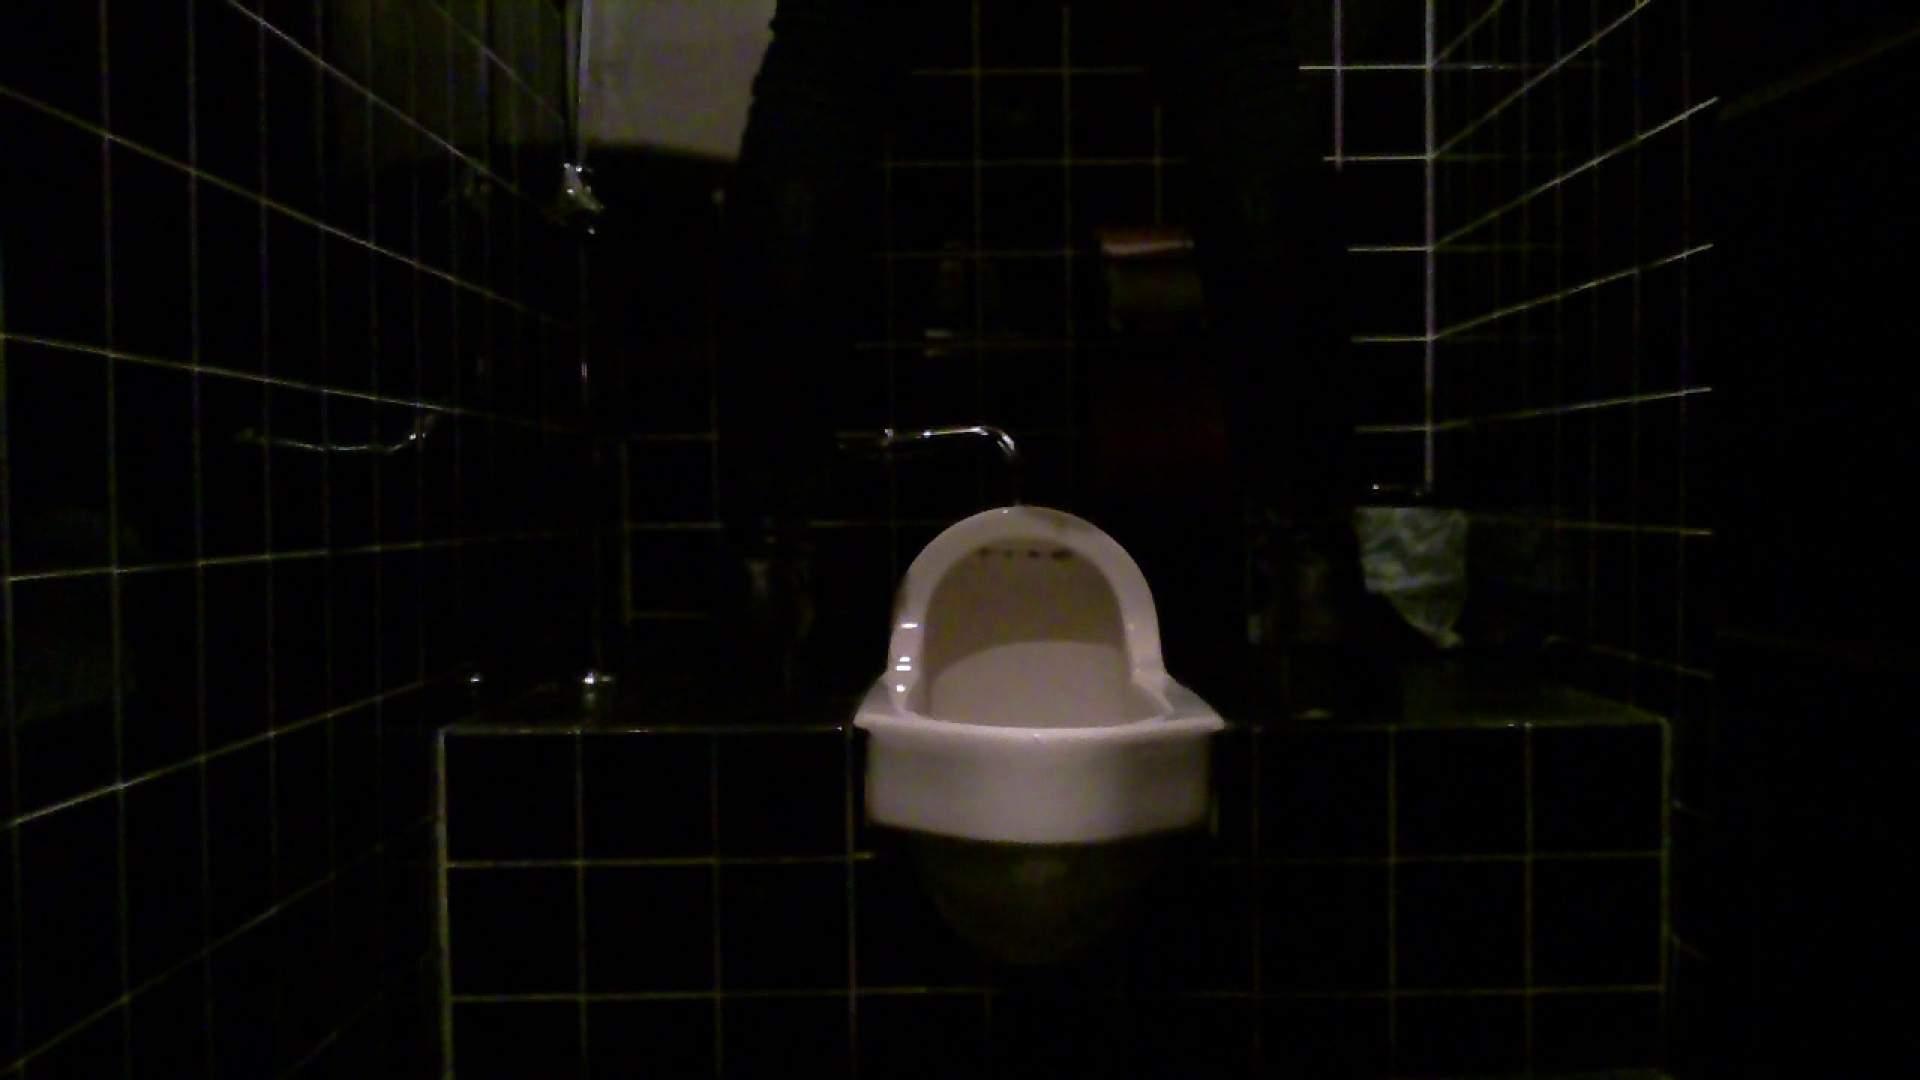 美女の集まる飲み屋洗面所 vol.05 美女 盗み撮りオマンコ動画キャプチャ 61pic 31